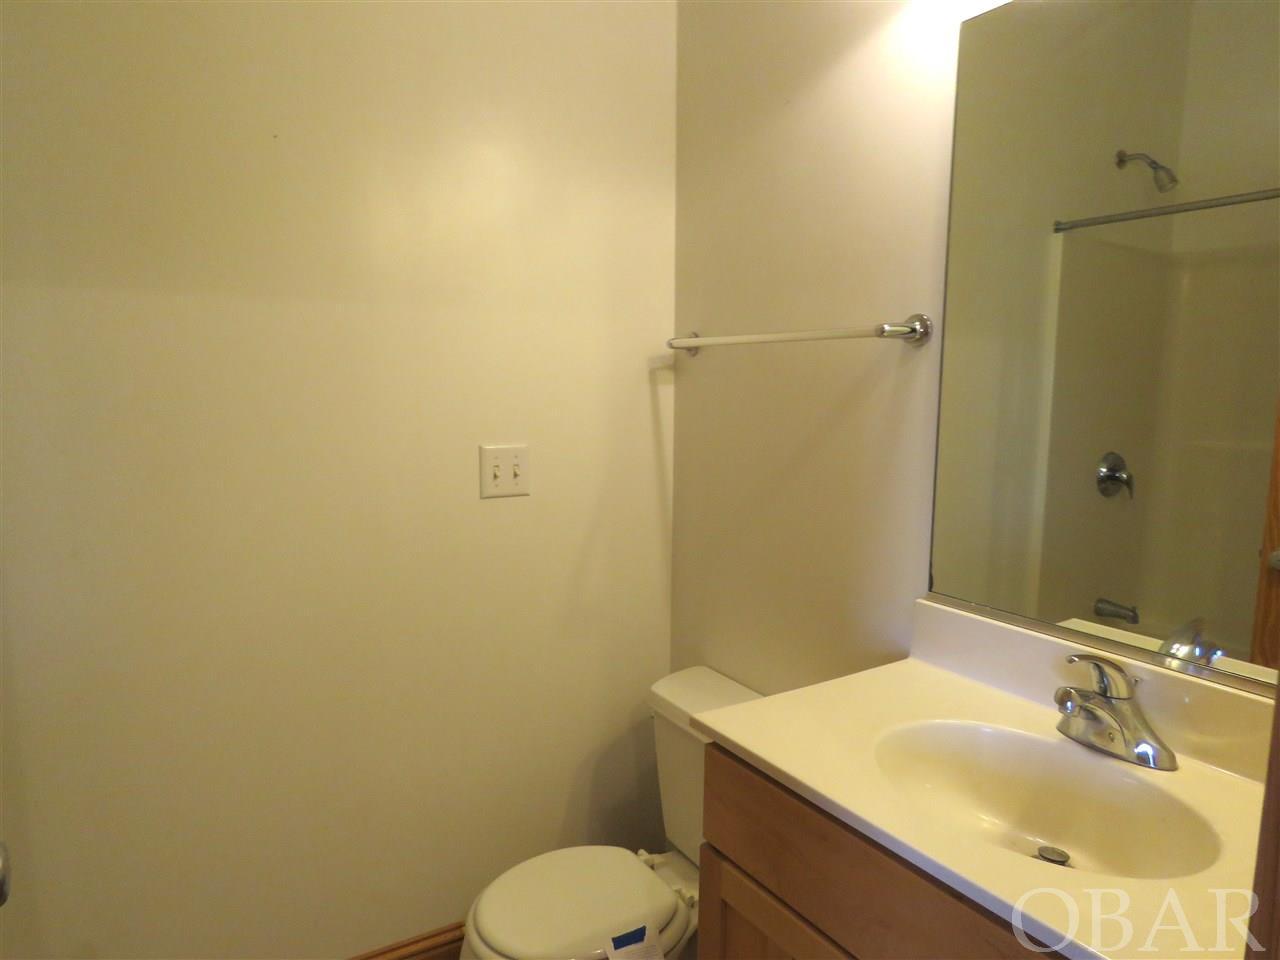 2025 Sandfiddler Road,Corolla,NC 27927,9 Bedrooms Bedrooms,8 BathroomsBathrooms,Residential,Sandfiddler Road,100384